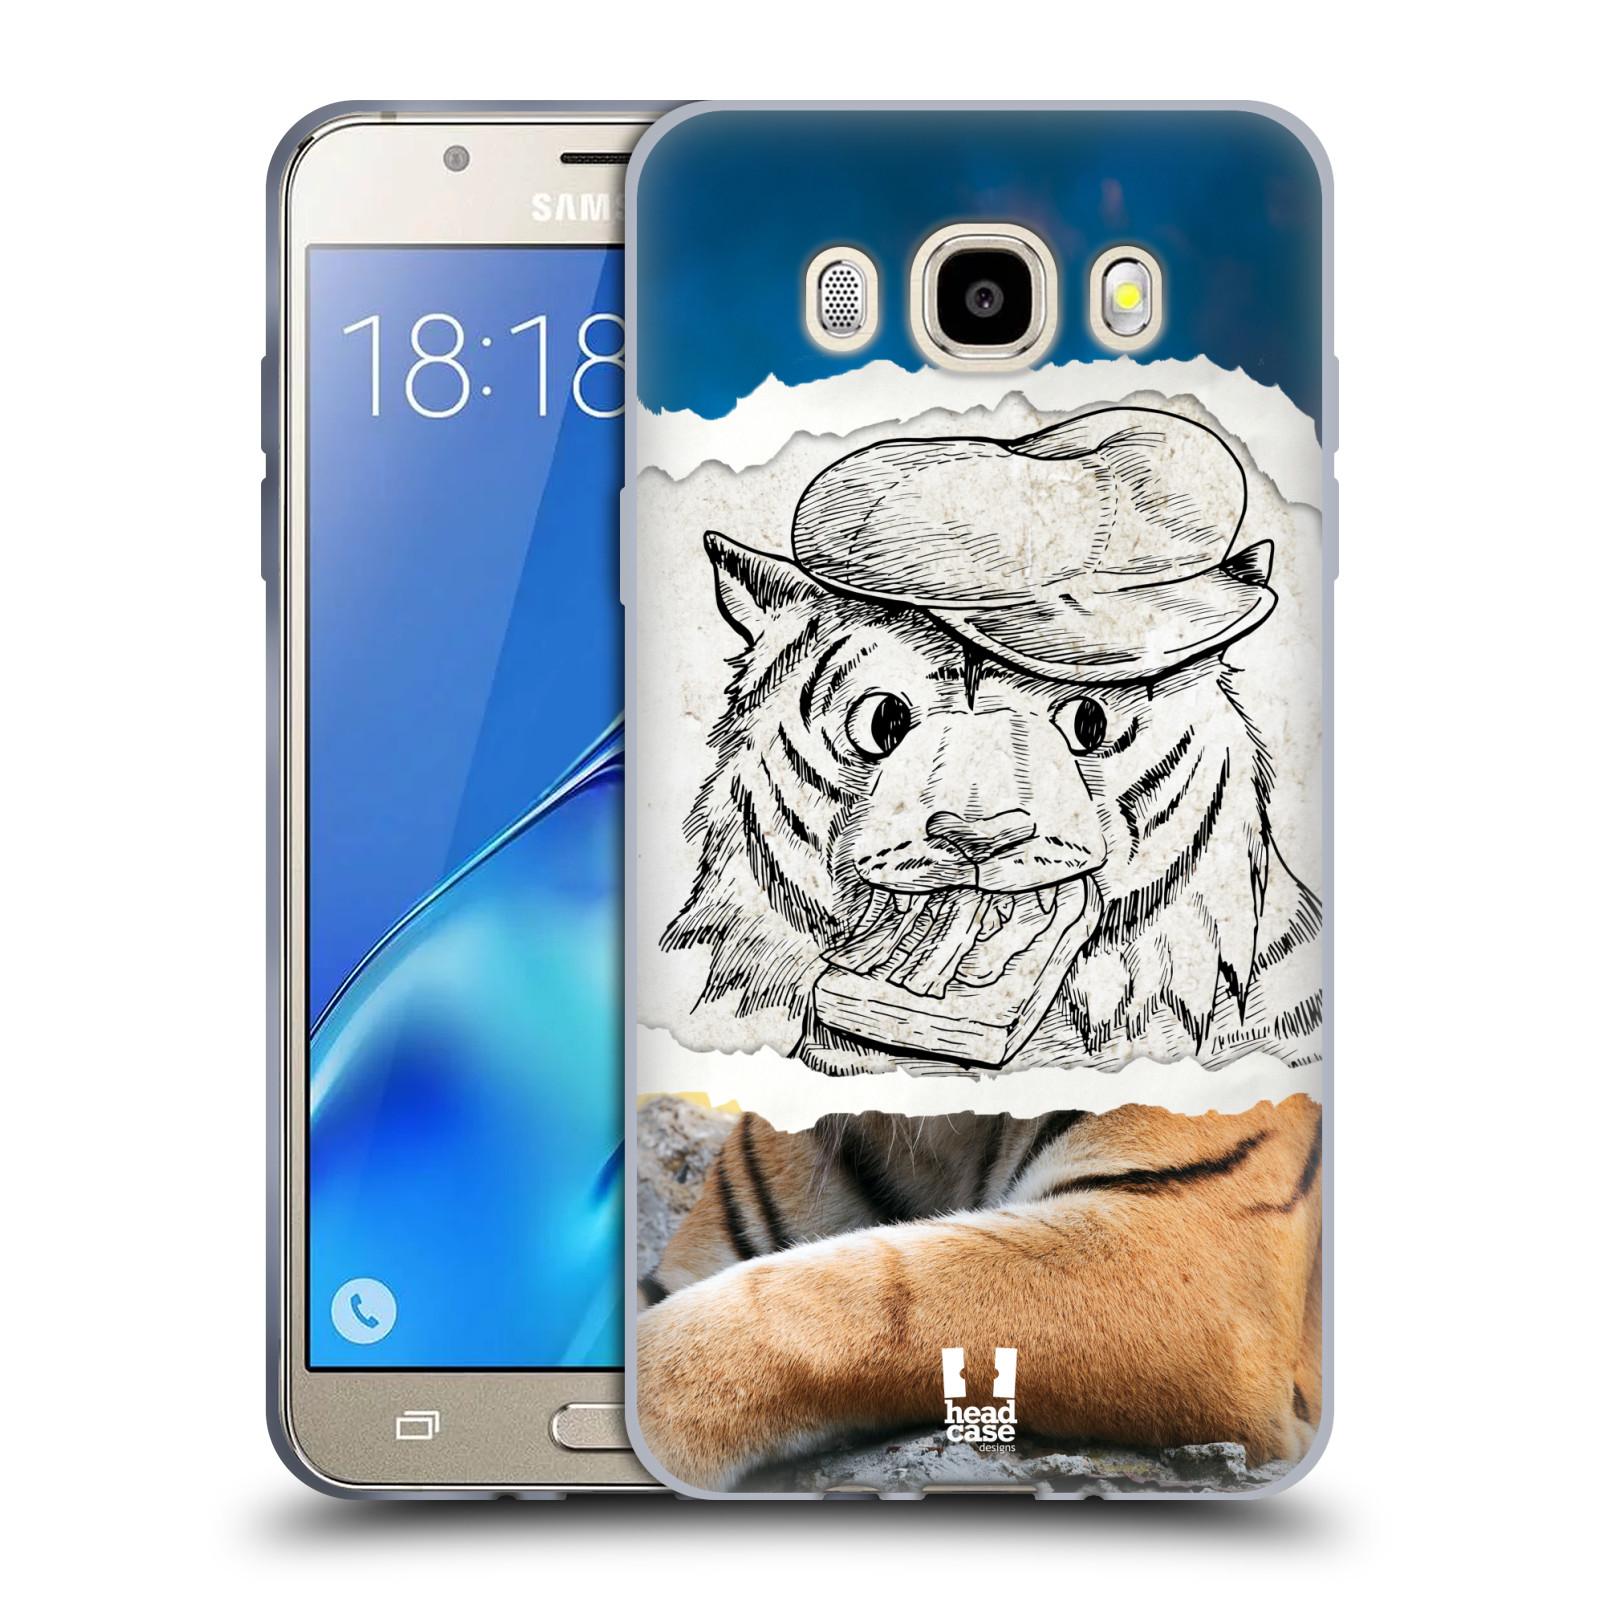 HEAD CASE silikonový obal, kryt na mobil Samsung Galaxy J5 2016, J510, J510F, (J510F DUAL SIM) vzor zvířata koláž tygr fešák